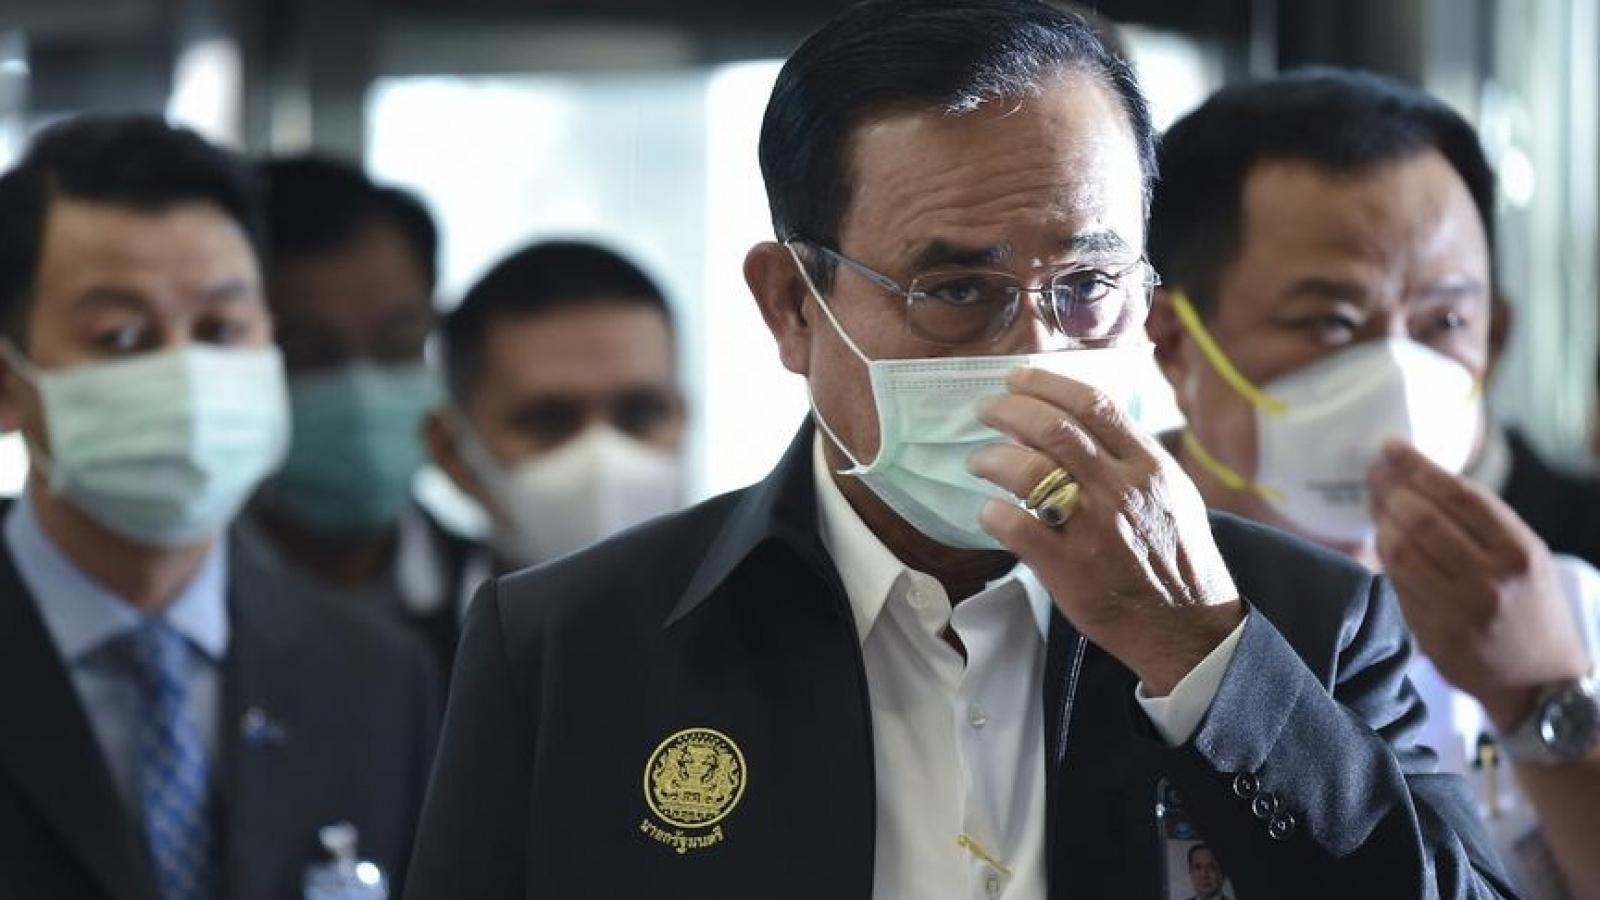 Thái Lan tiêm hỗn hợp các vaccine ngừa Covid-19, triển khai quân đội - cảnh sát chống dịch